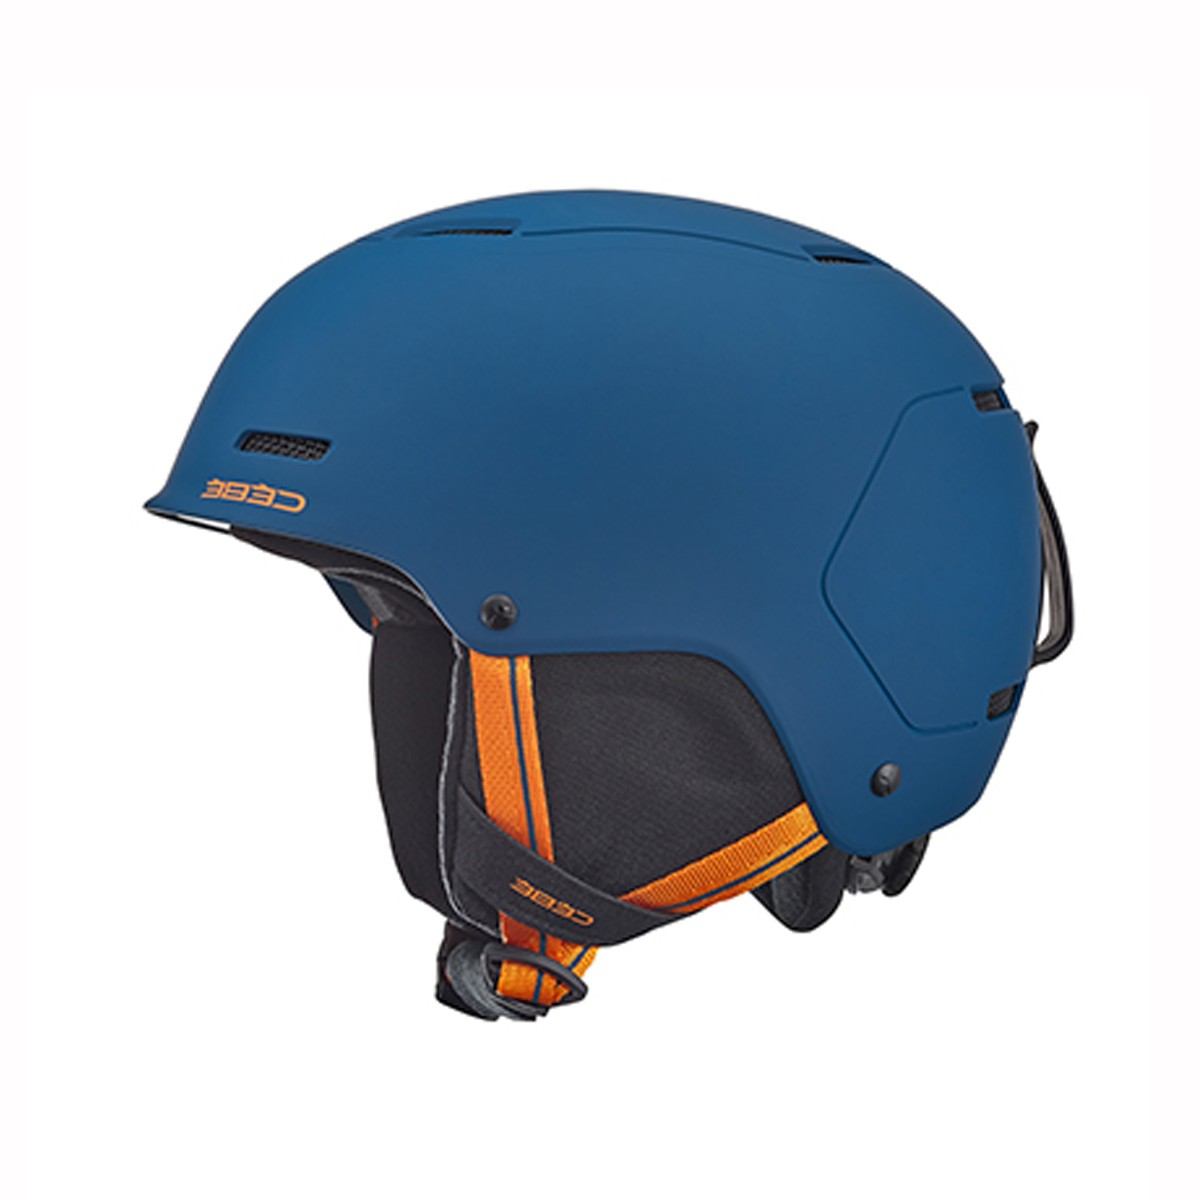 Casco Sci Bow (Colore: Full Matt Dark Blue, Taglia: 5153)